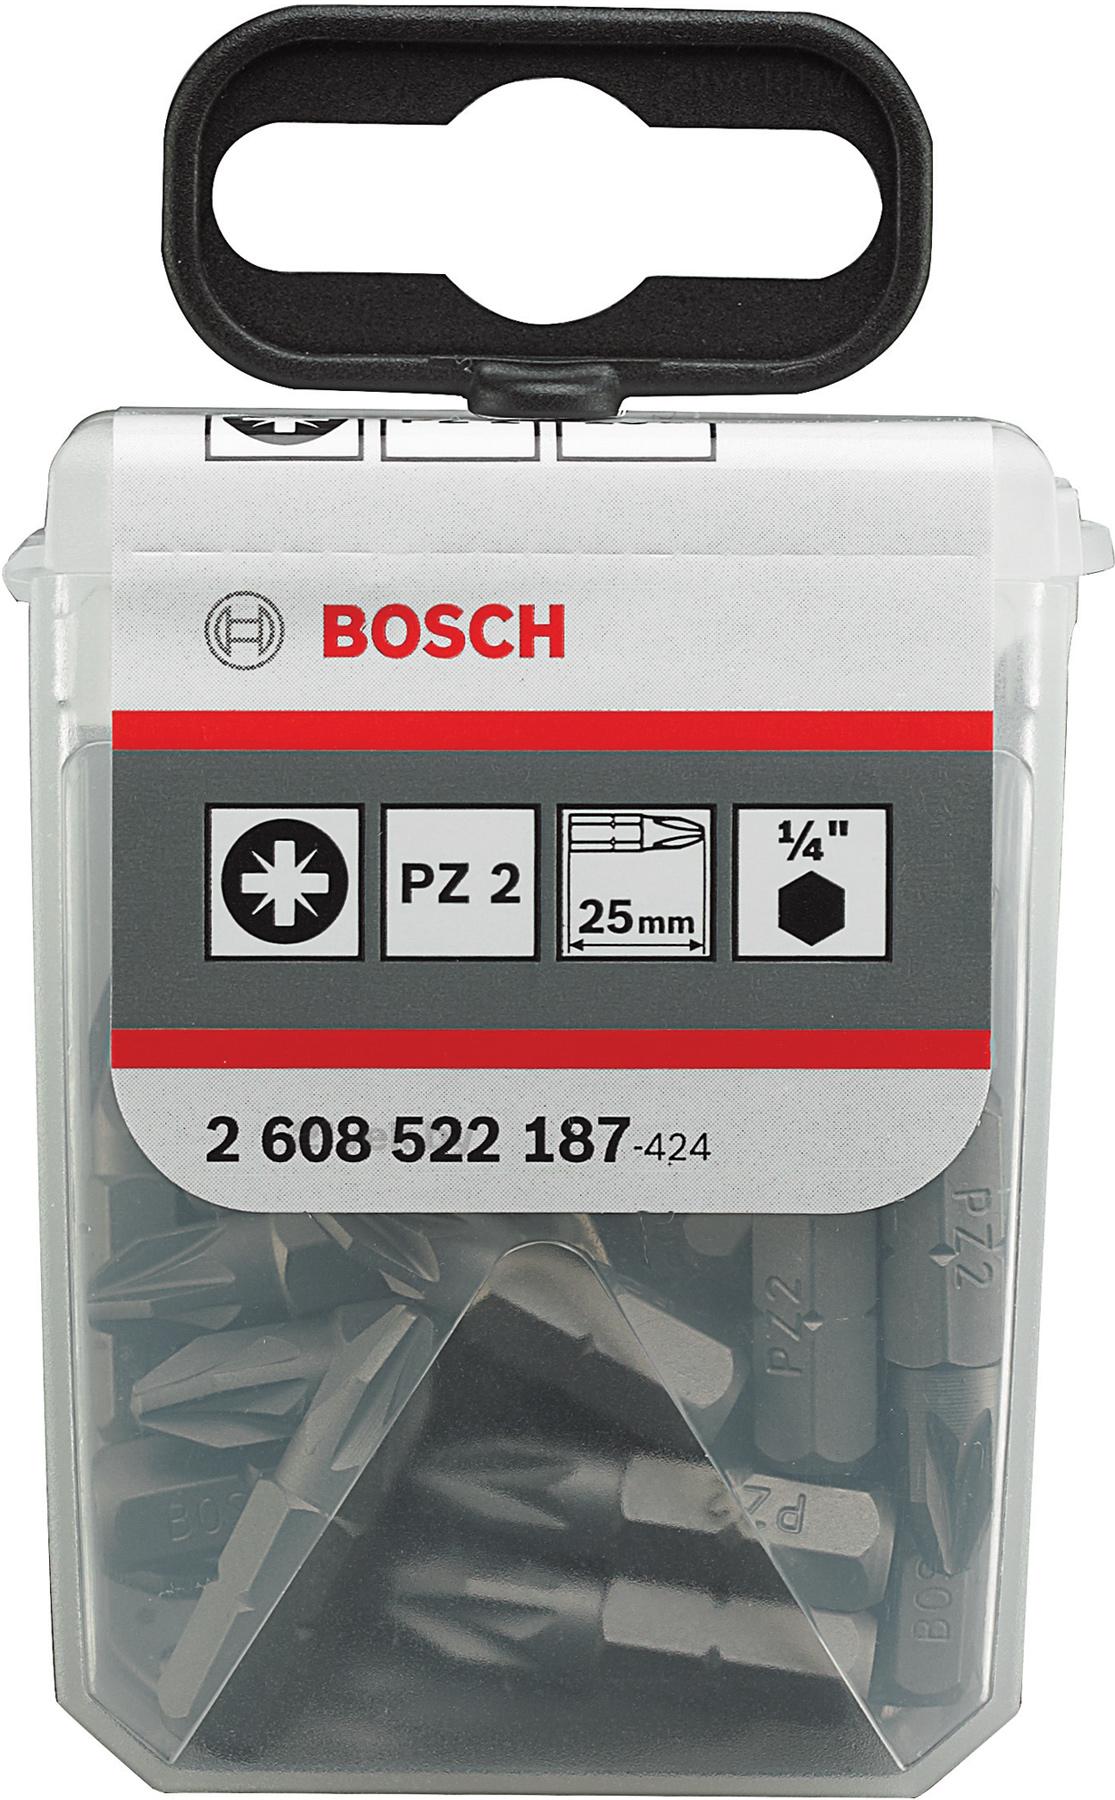 Купить Набор оснастки Bosch, Extra Hard 2.608.522.187 (25 предметов), Китай